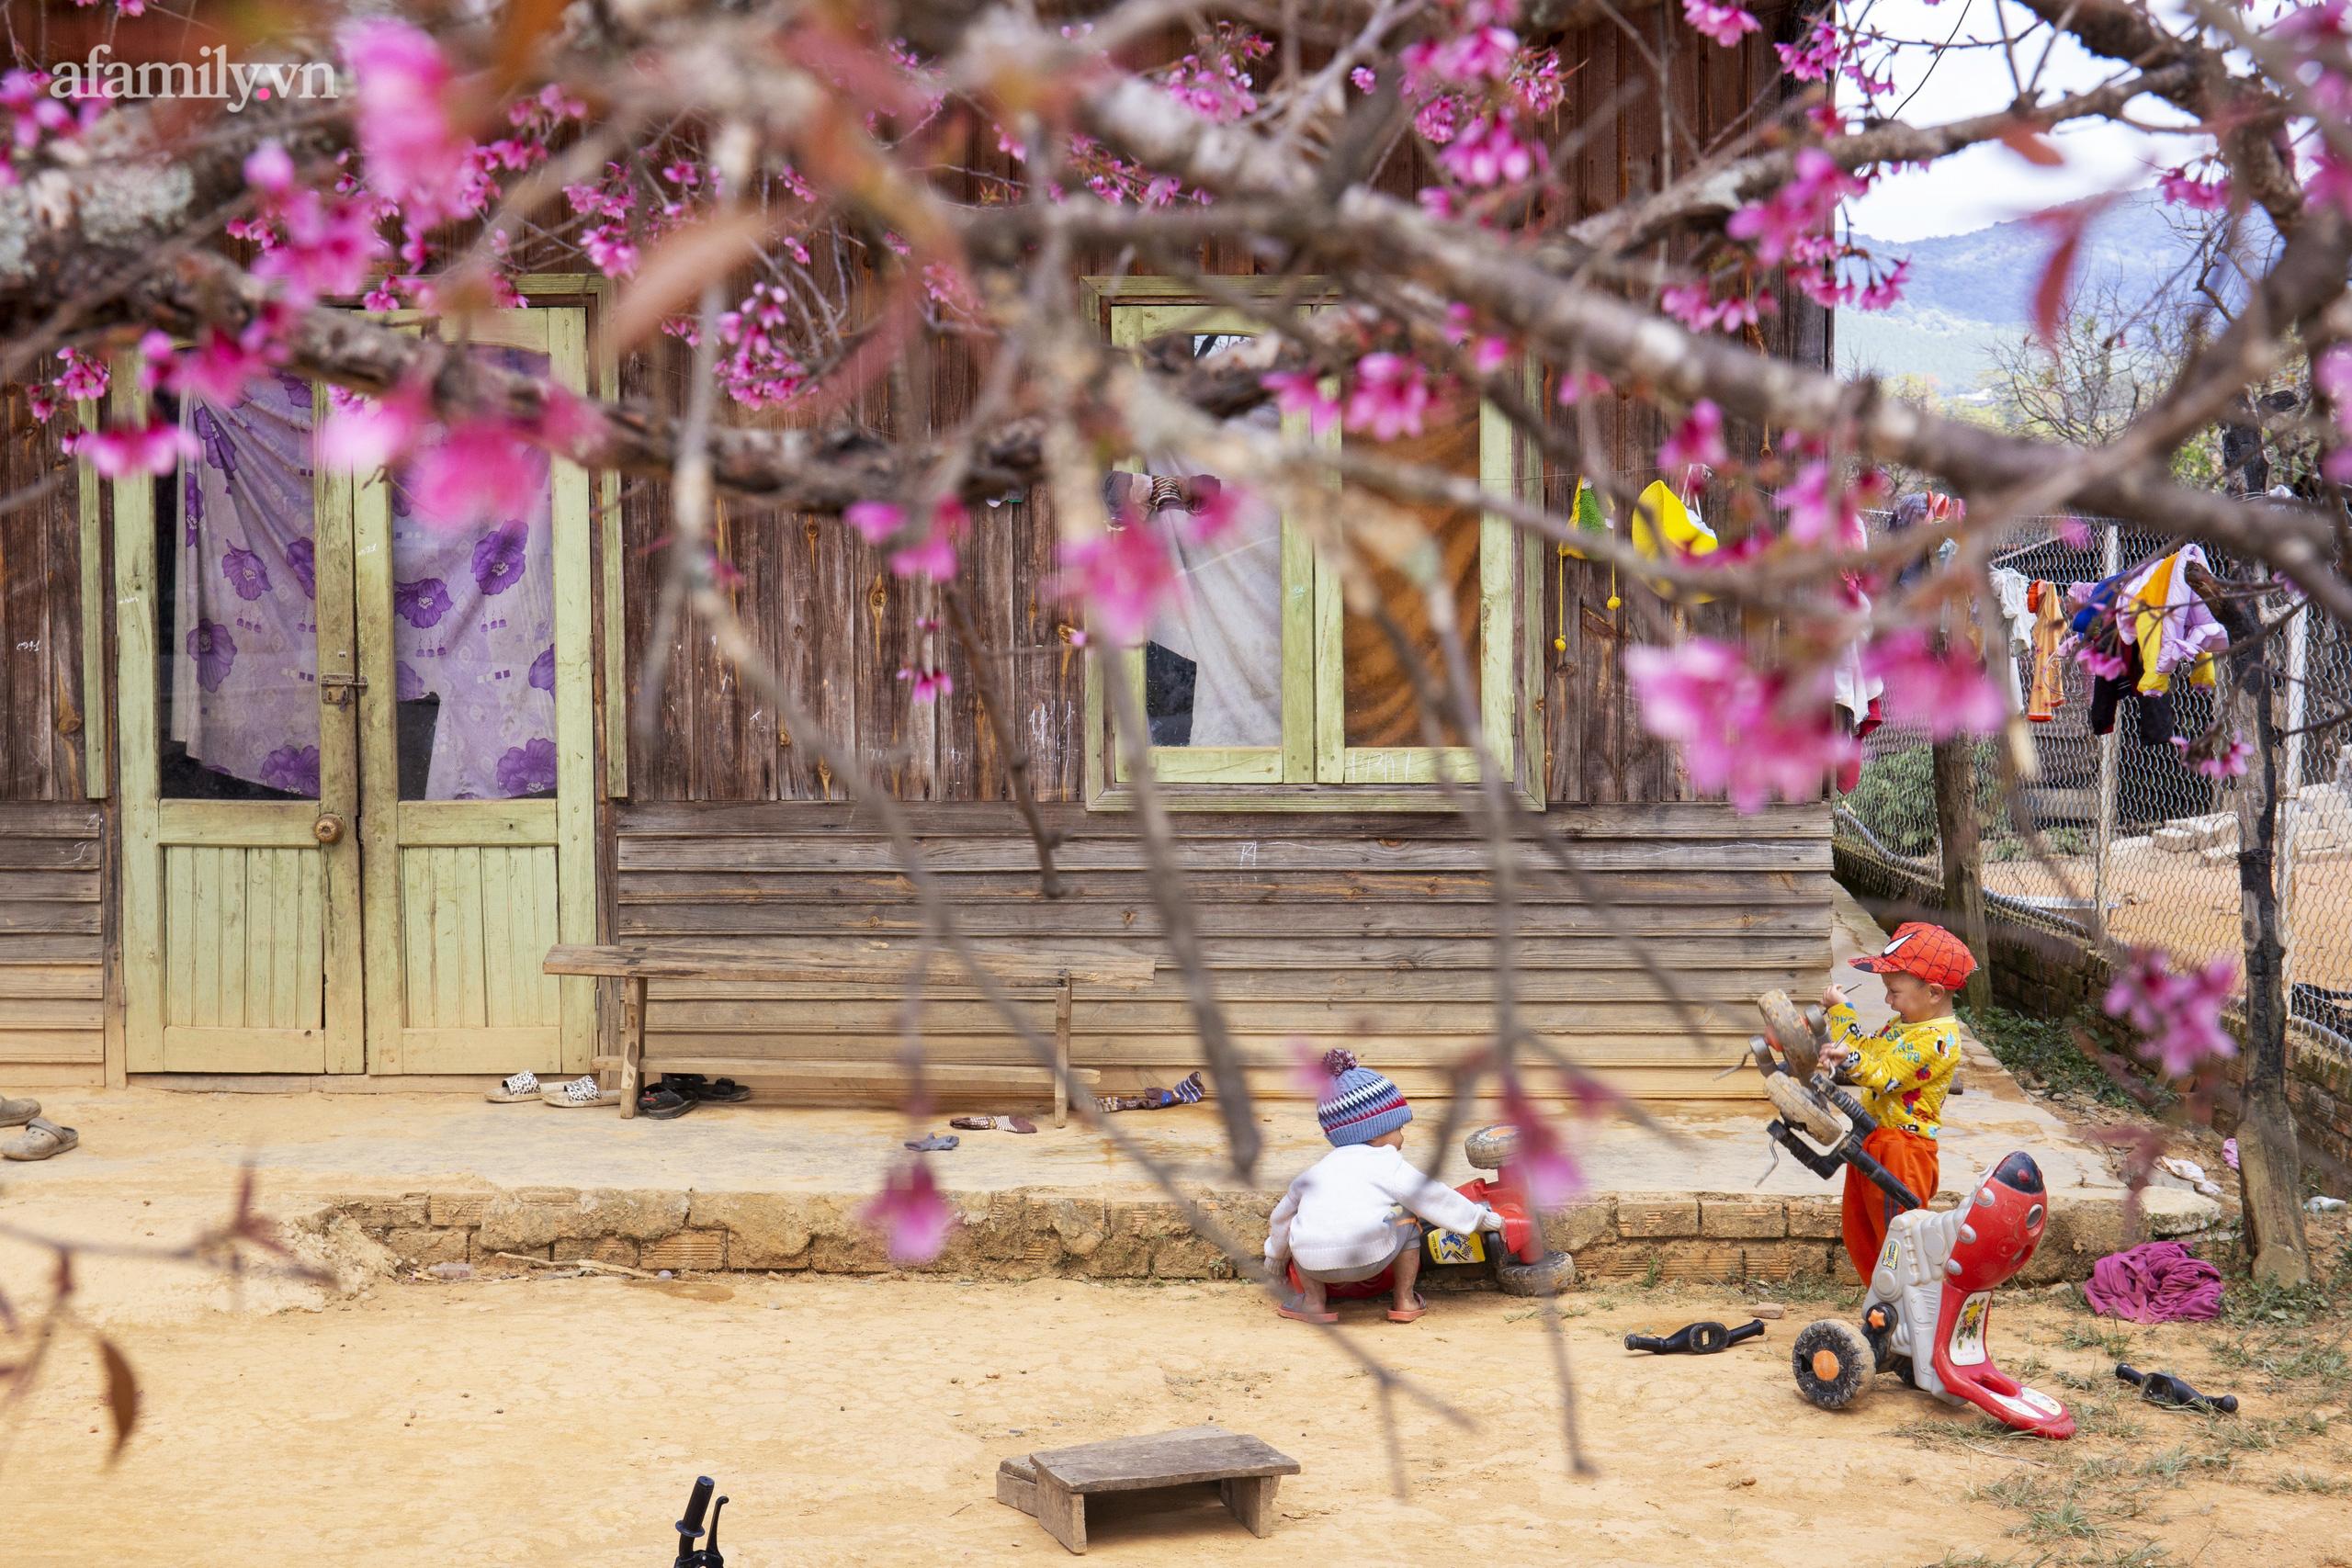 Ngắm hoa mai anh đào nở rợp trời ở ngôi làng đẹp lạ như Tây Tạng, nằm ngay gần trung tâm TP. Đà Lạt mà không phải ai cũng biết - Ảnh 6.